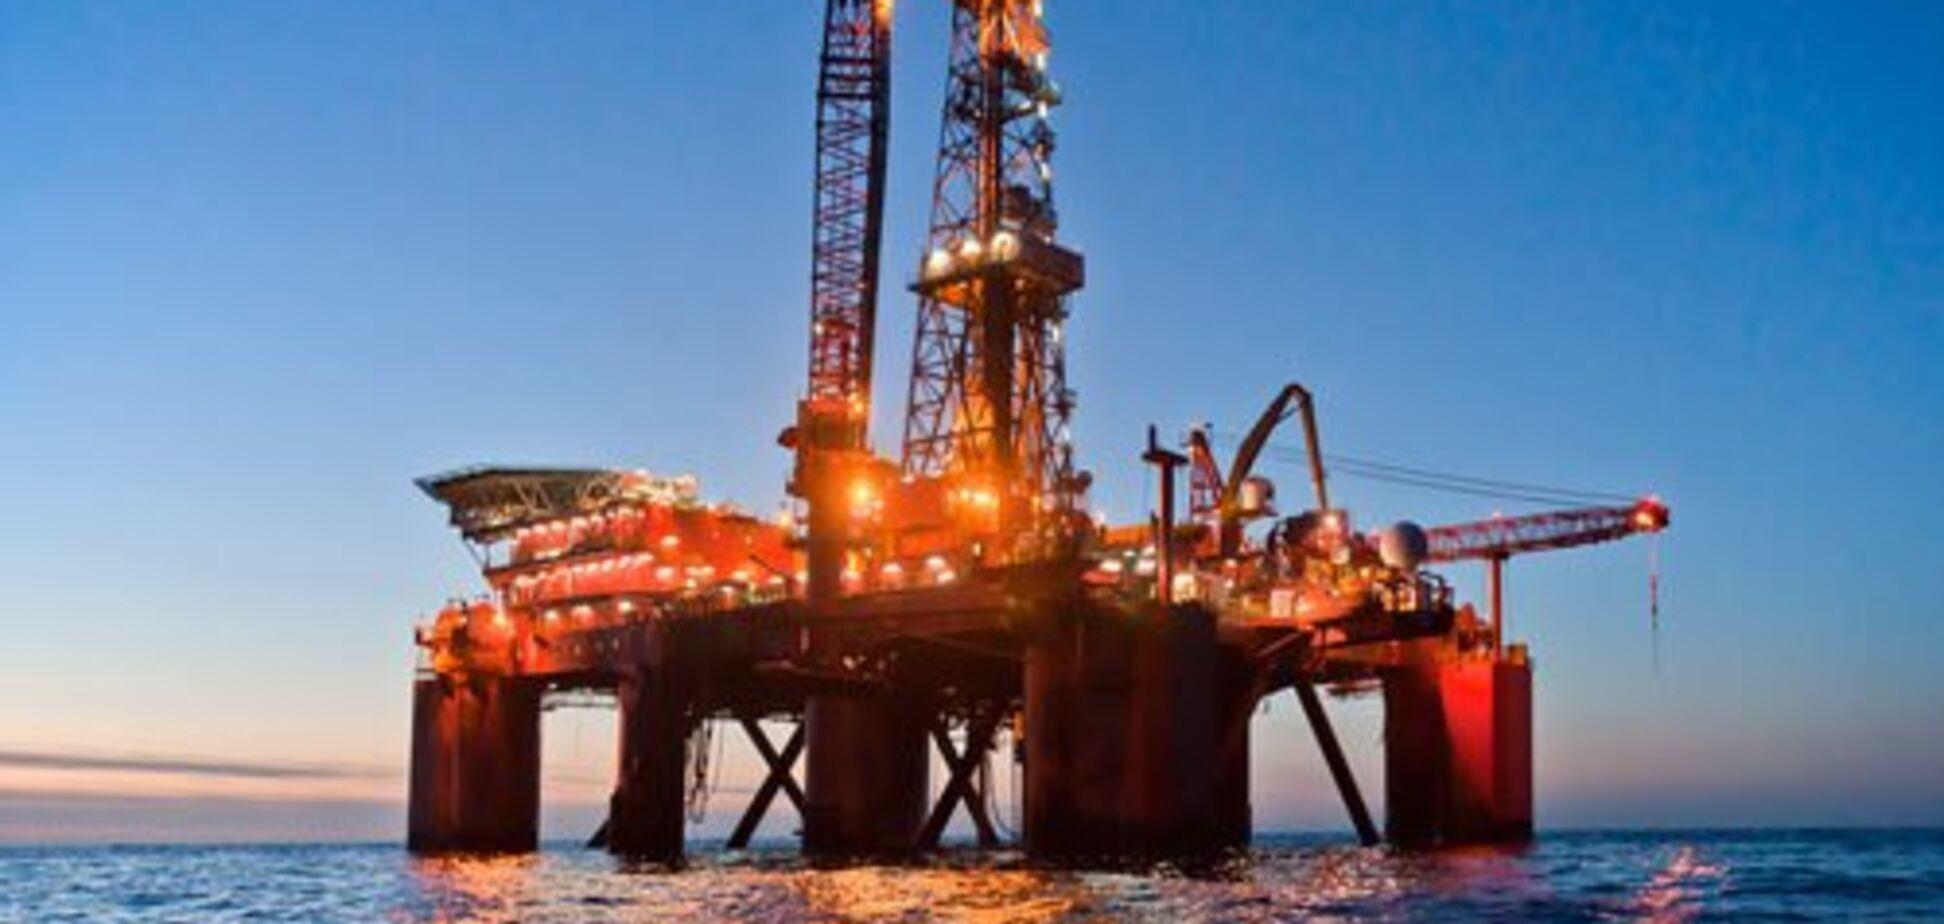 У Норвегії будуть видобувати нафту за допомогою вітру